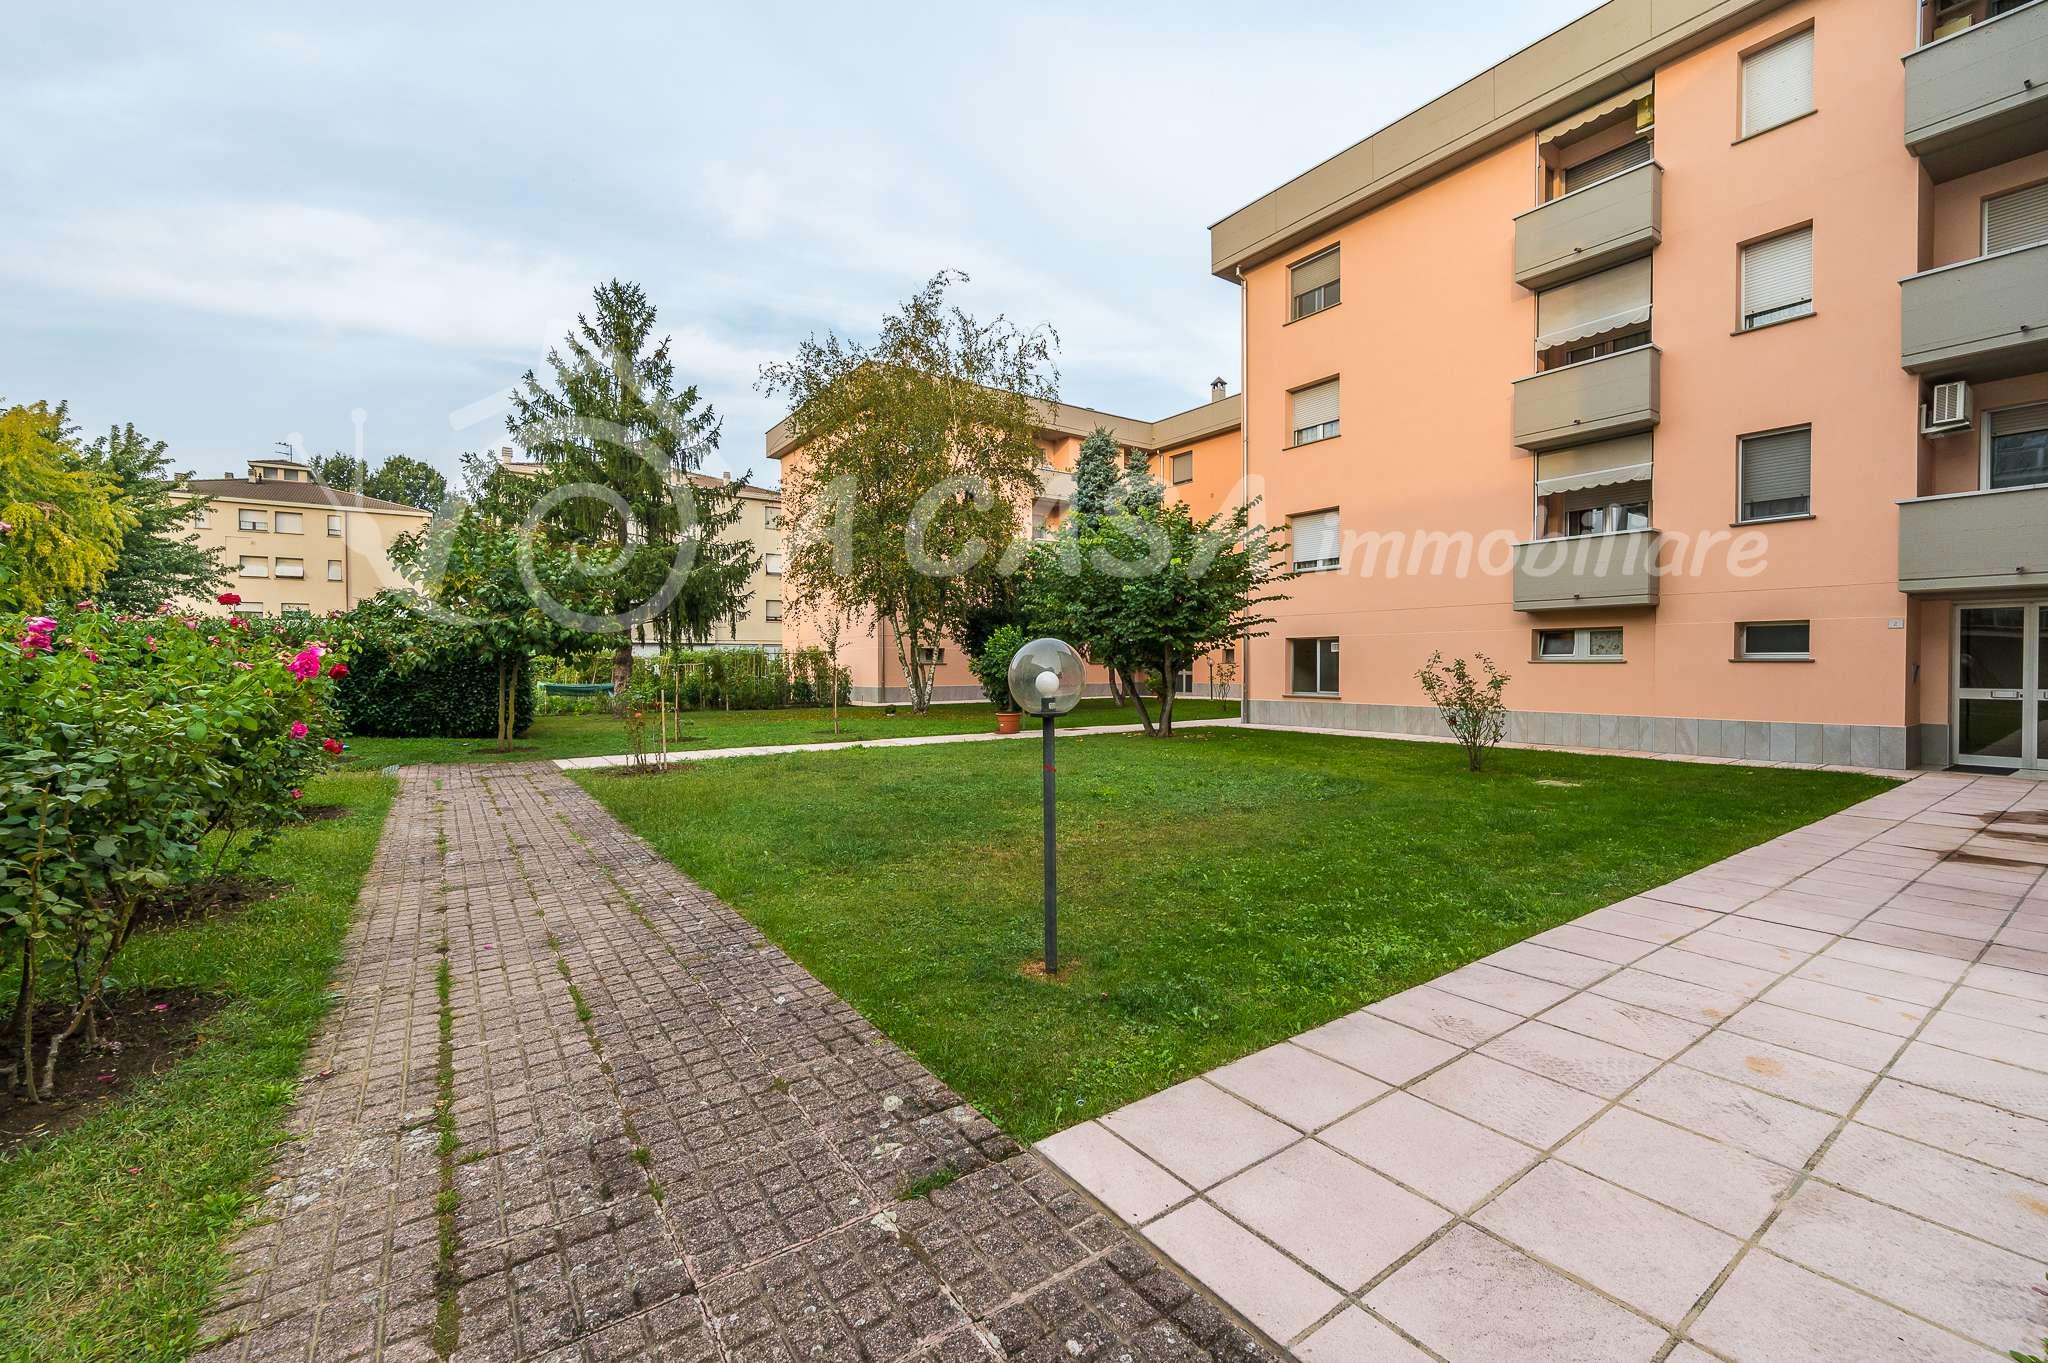 Appartamento in vendita a Collecchio, 3 locali, prezzo € 138.000 | PortaleAgenzieImmobiliari.it